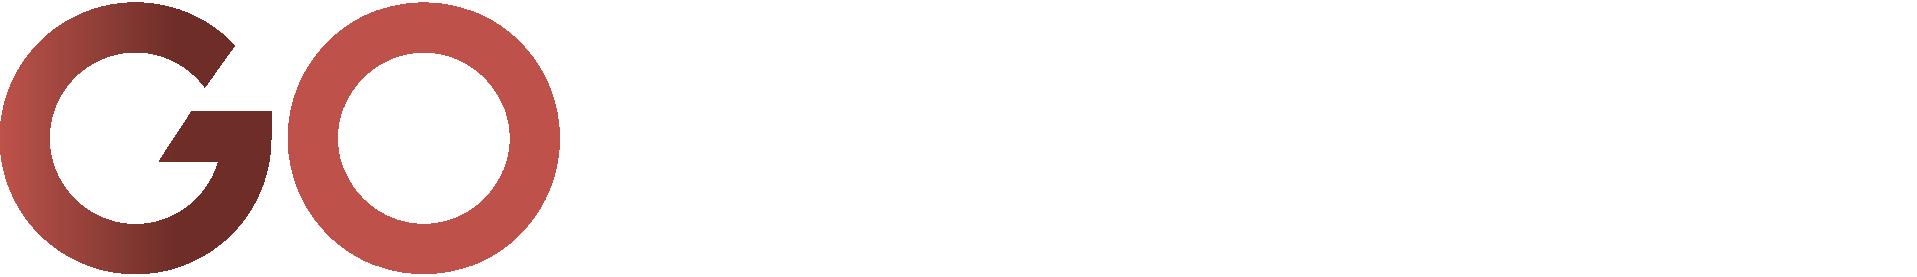 OMEGA SA - Go Omega!